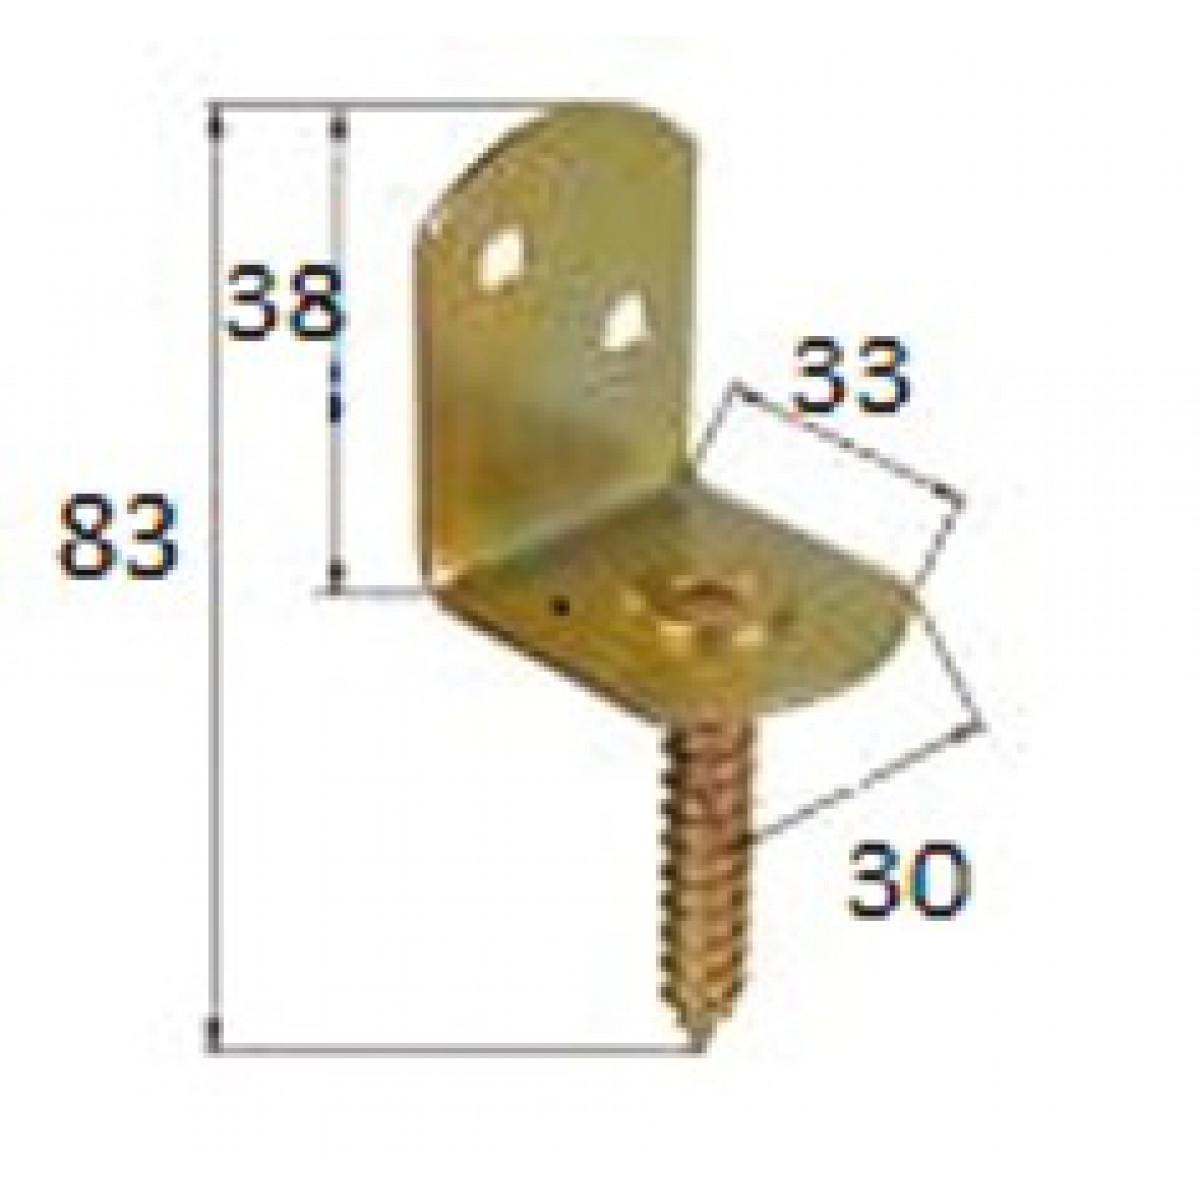 Equerre à vis Alberts - Dimensions 83 x 38 mm